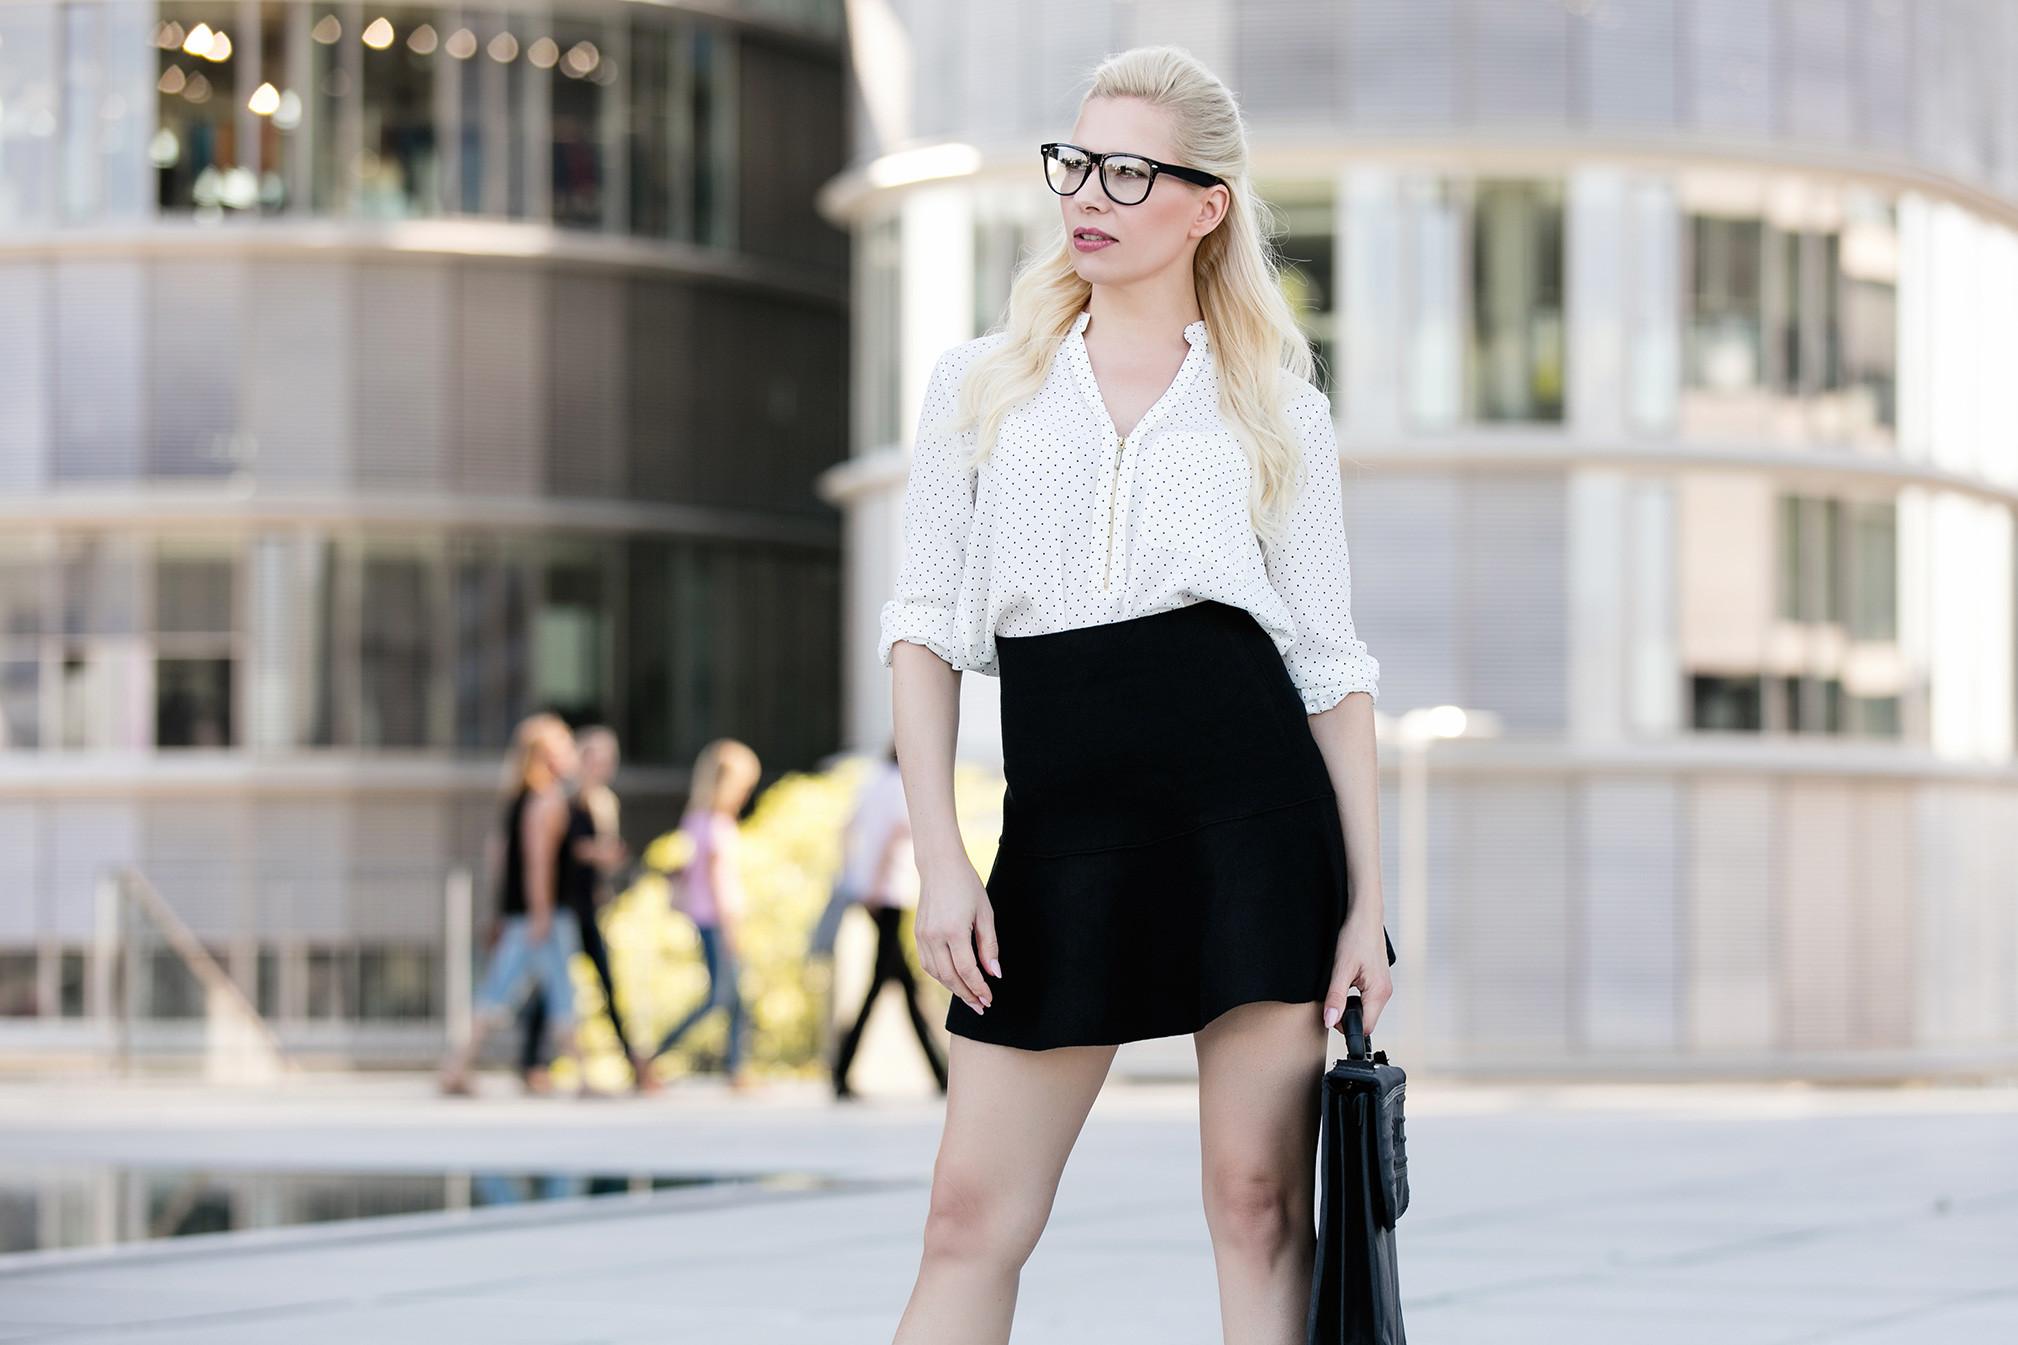 Business Style, Stockfotografie, Model mit kurzem Rock und Brille